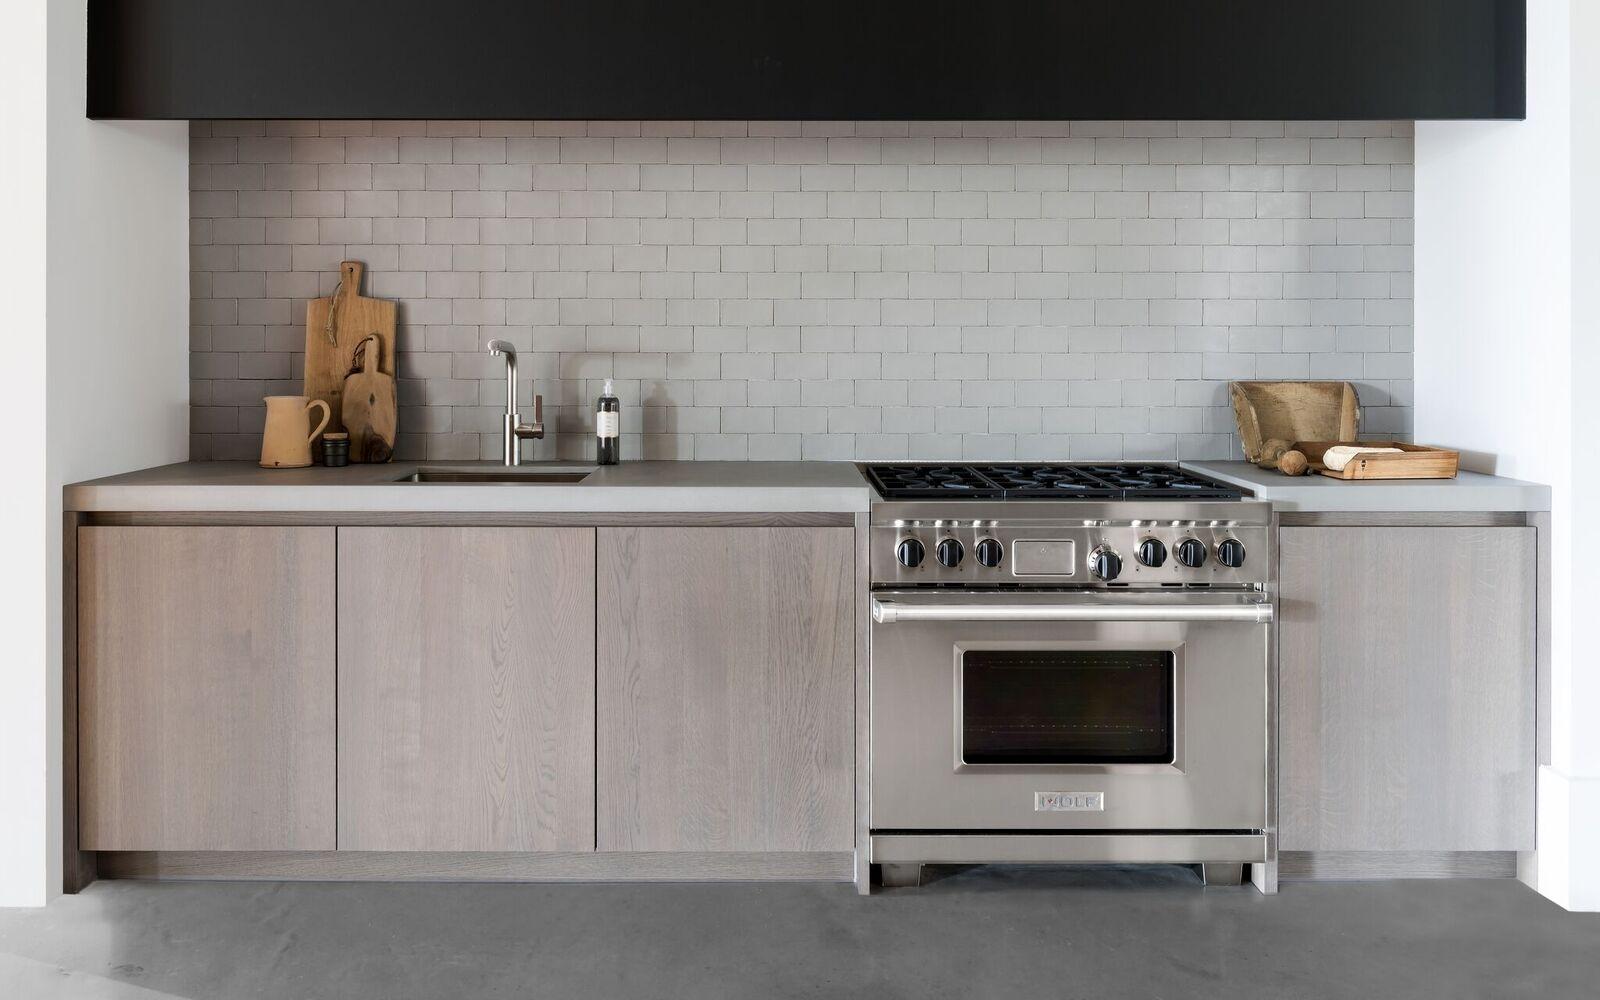 Prachtige keuken tegels ontworpen door Studio Piet Boon - Nieuws ...